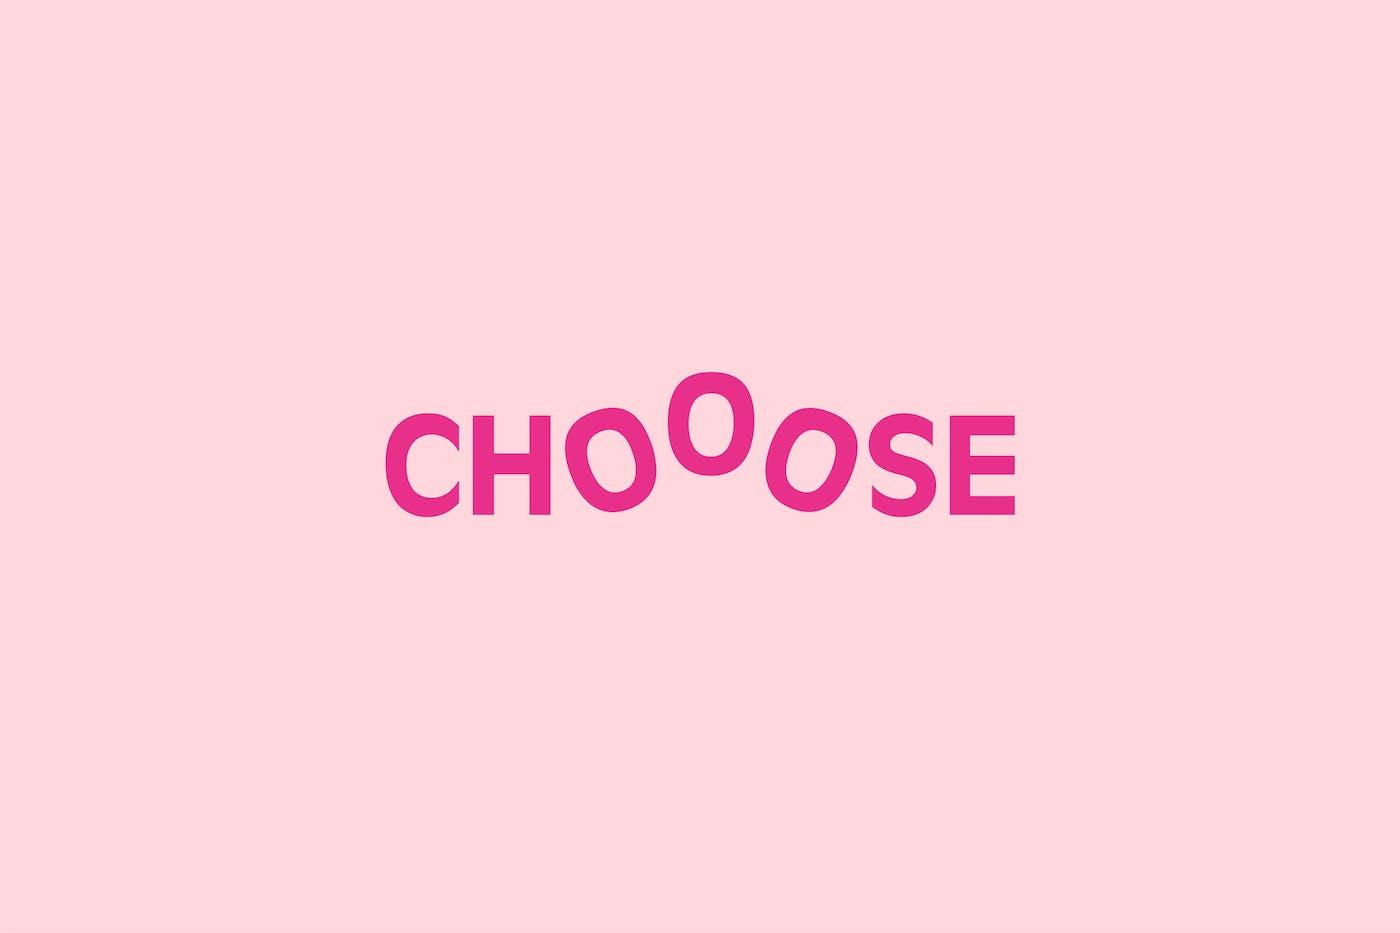 1 chooose logo